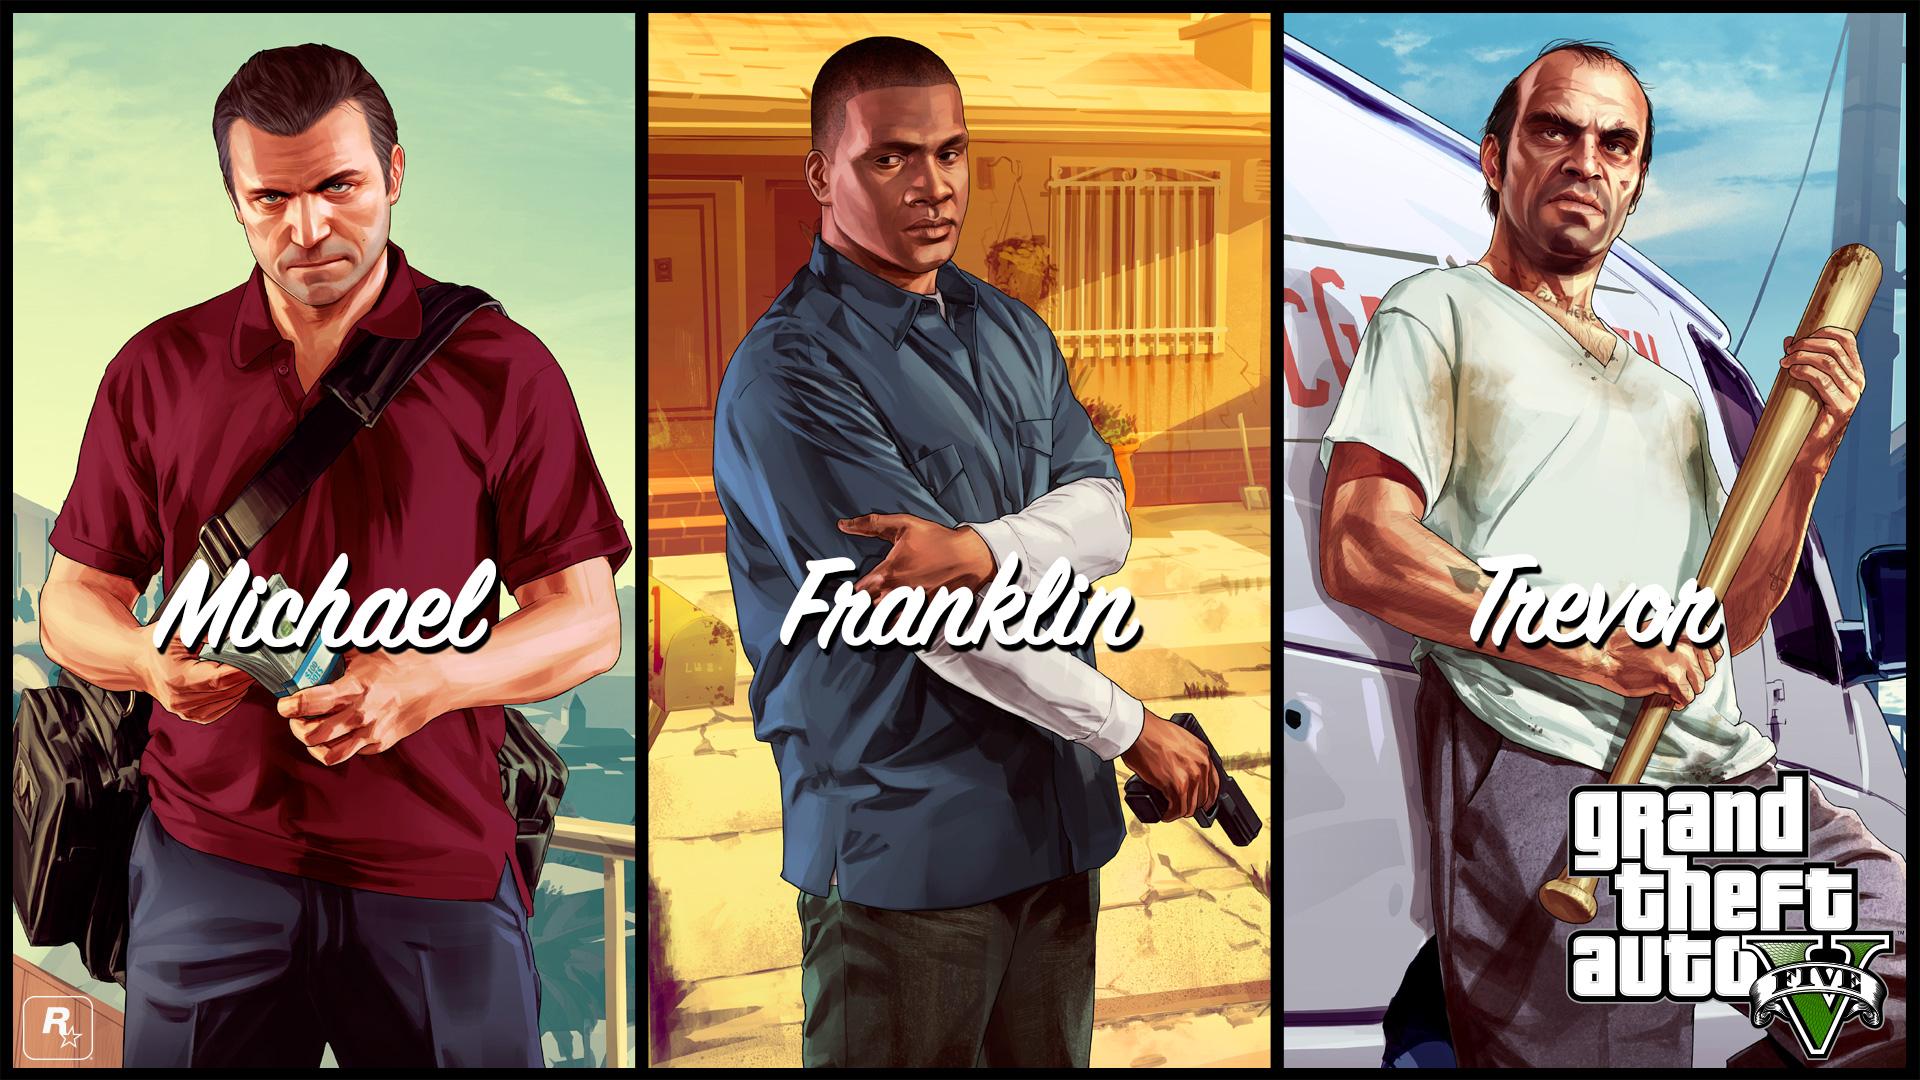 3人の主人公。左からマイケル、フランクリン、トレバー。